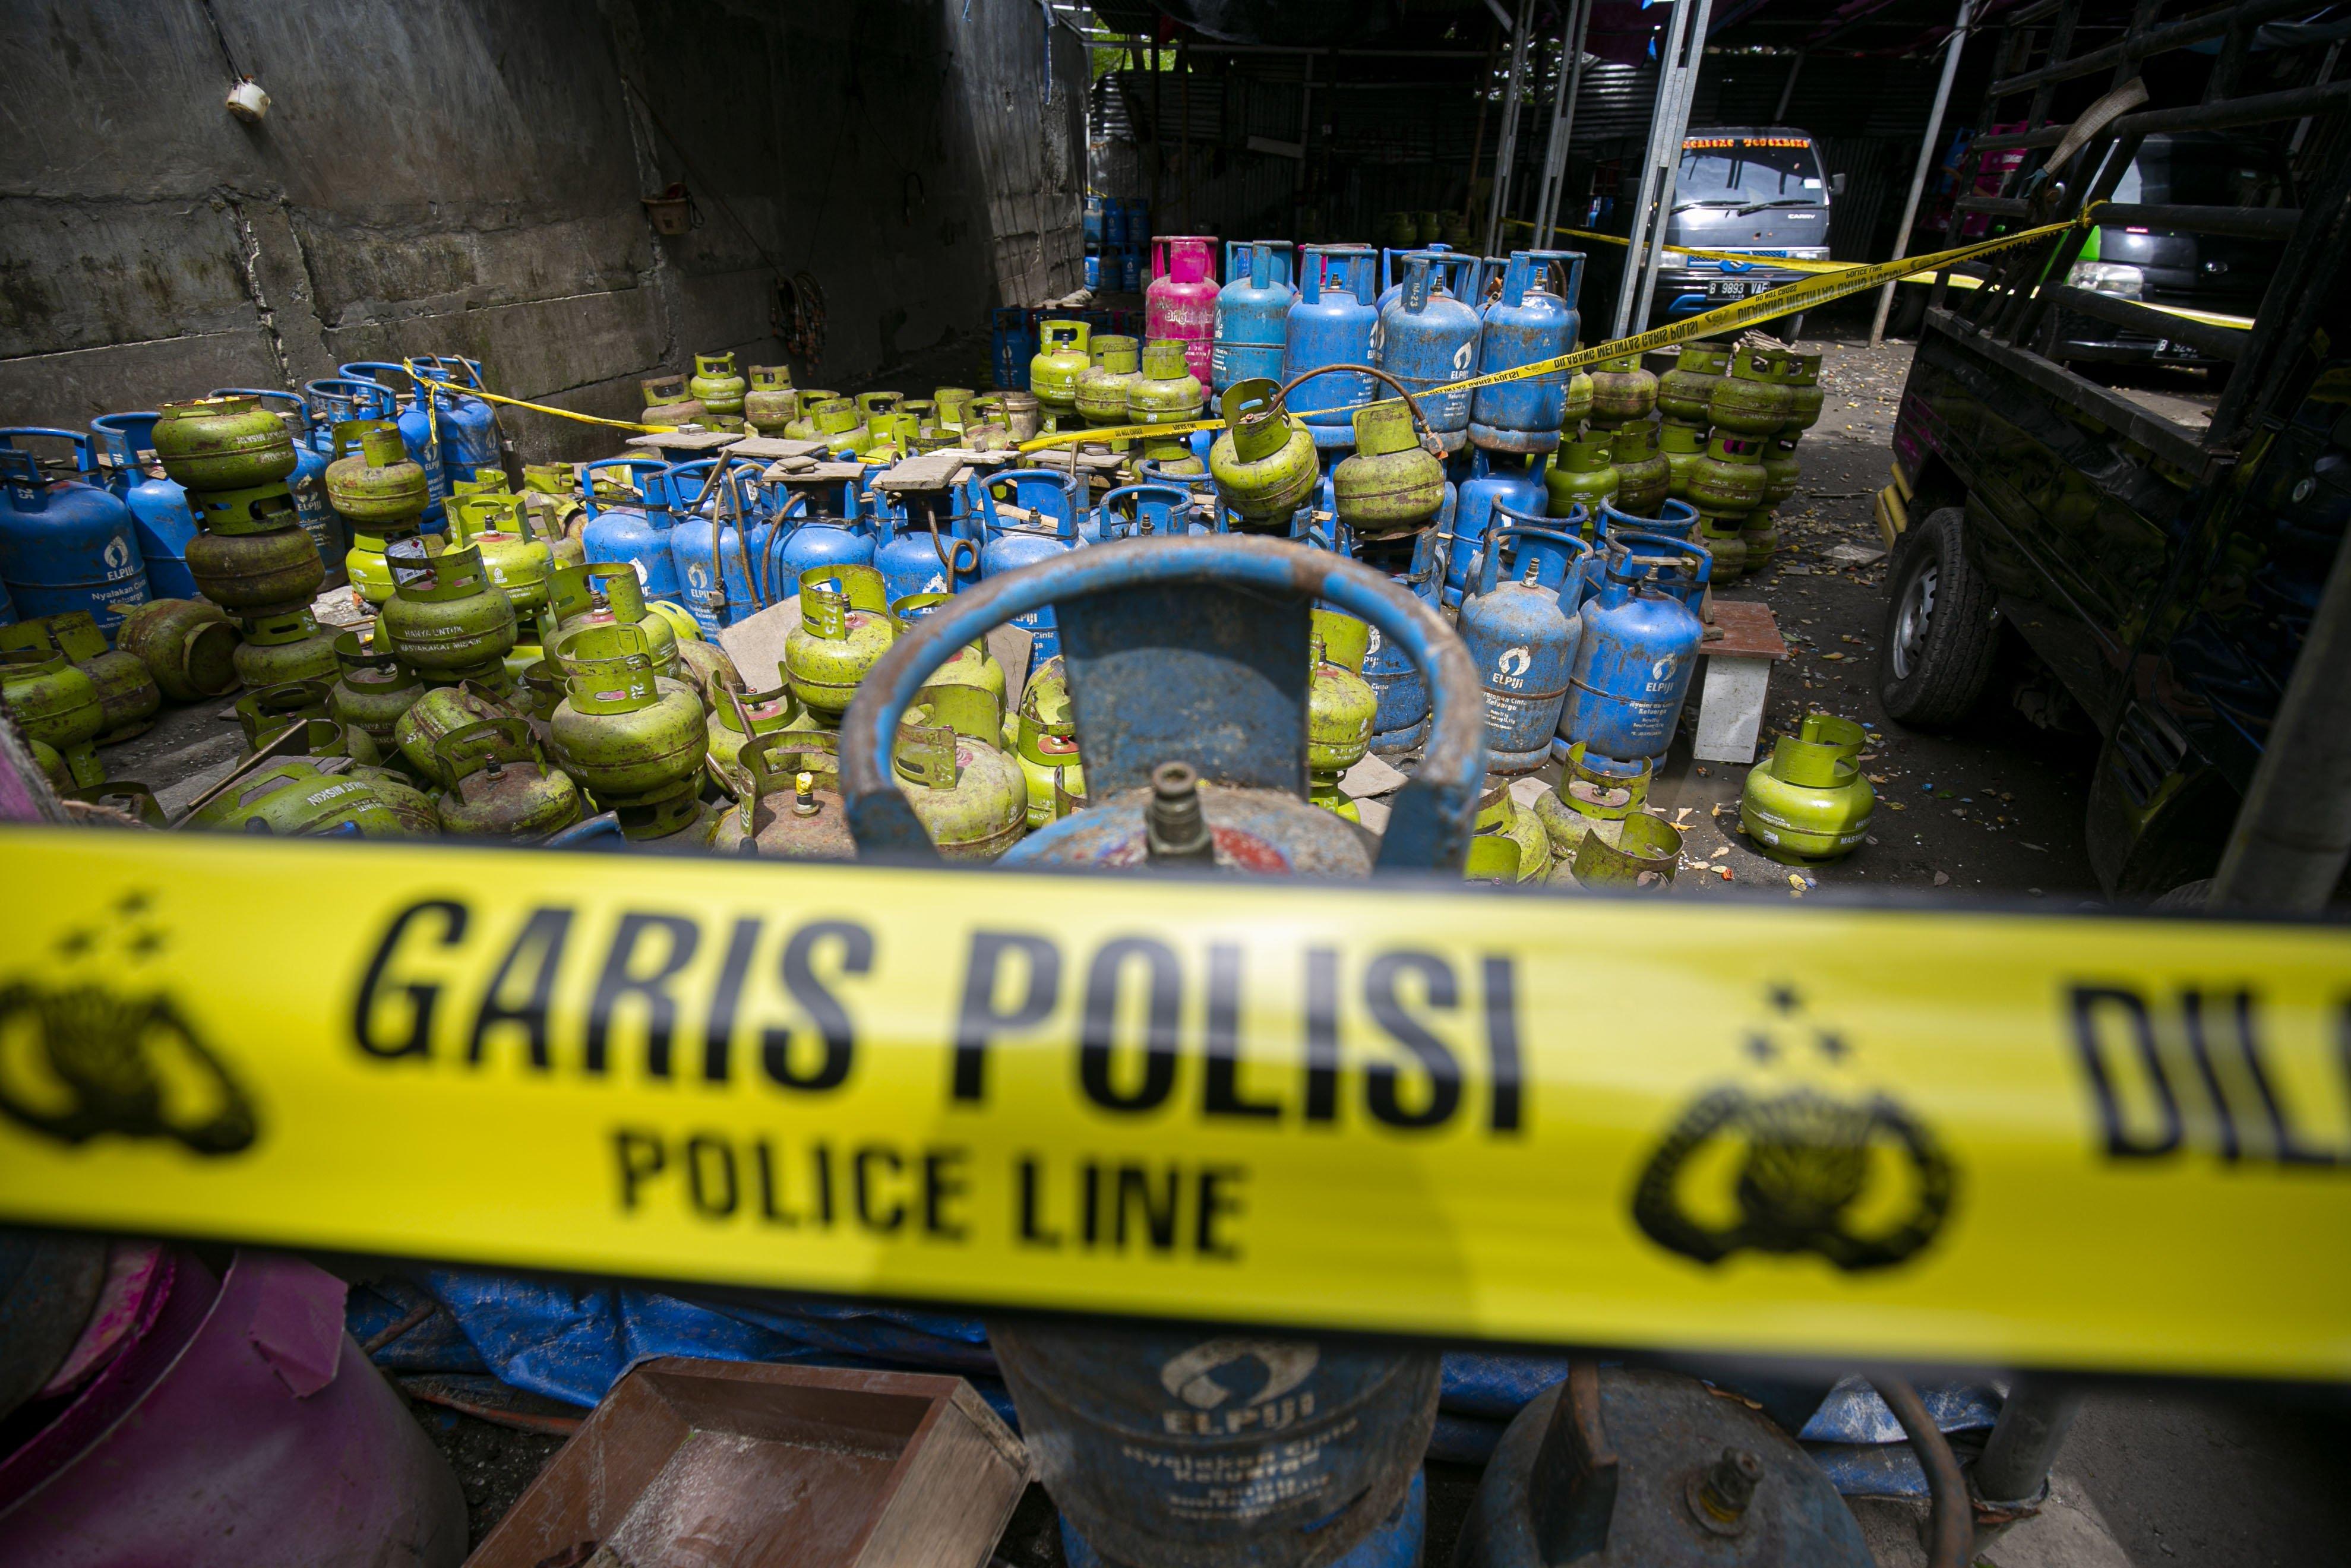 Sejumlah barang bukti tabung gas LPG kasus pengoplosan gas bersubsidi di kawasan Meruya, Jakarta Barat, Selasa (6/4/2021). Bareskrim Polri membongkar praktik kecurangan dengan cara menyalahgunakan penggunaan gas LPG subsidi 3 kg dengan menyuntikkan ke gas 12 kg, aksi tersebut berlangsung sejak tahun 2018 dengan kerugian negara mencapai Rp 7 miliar.